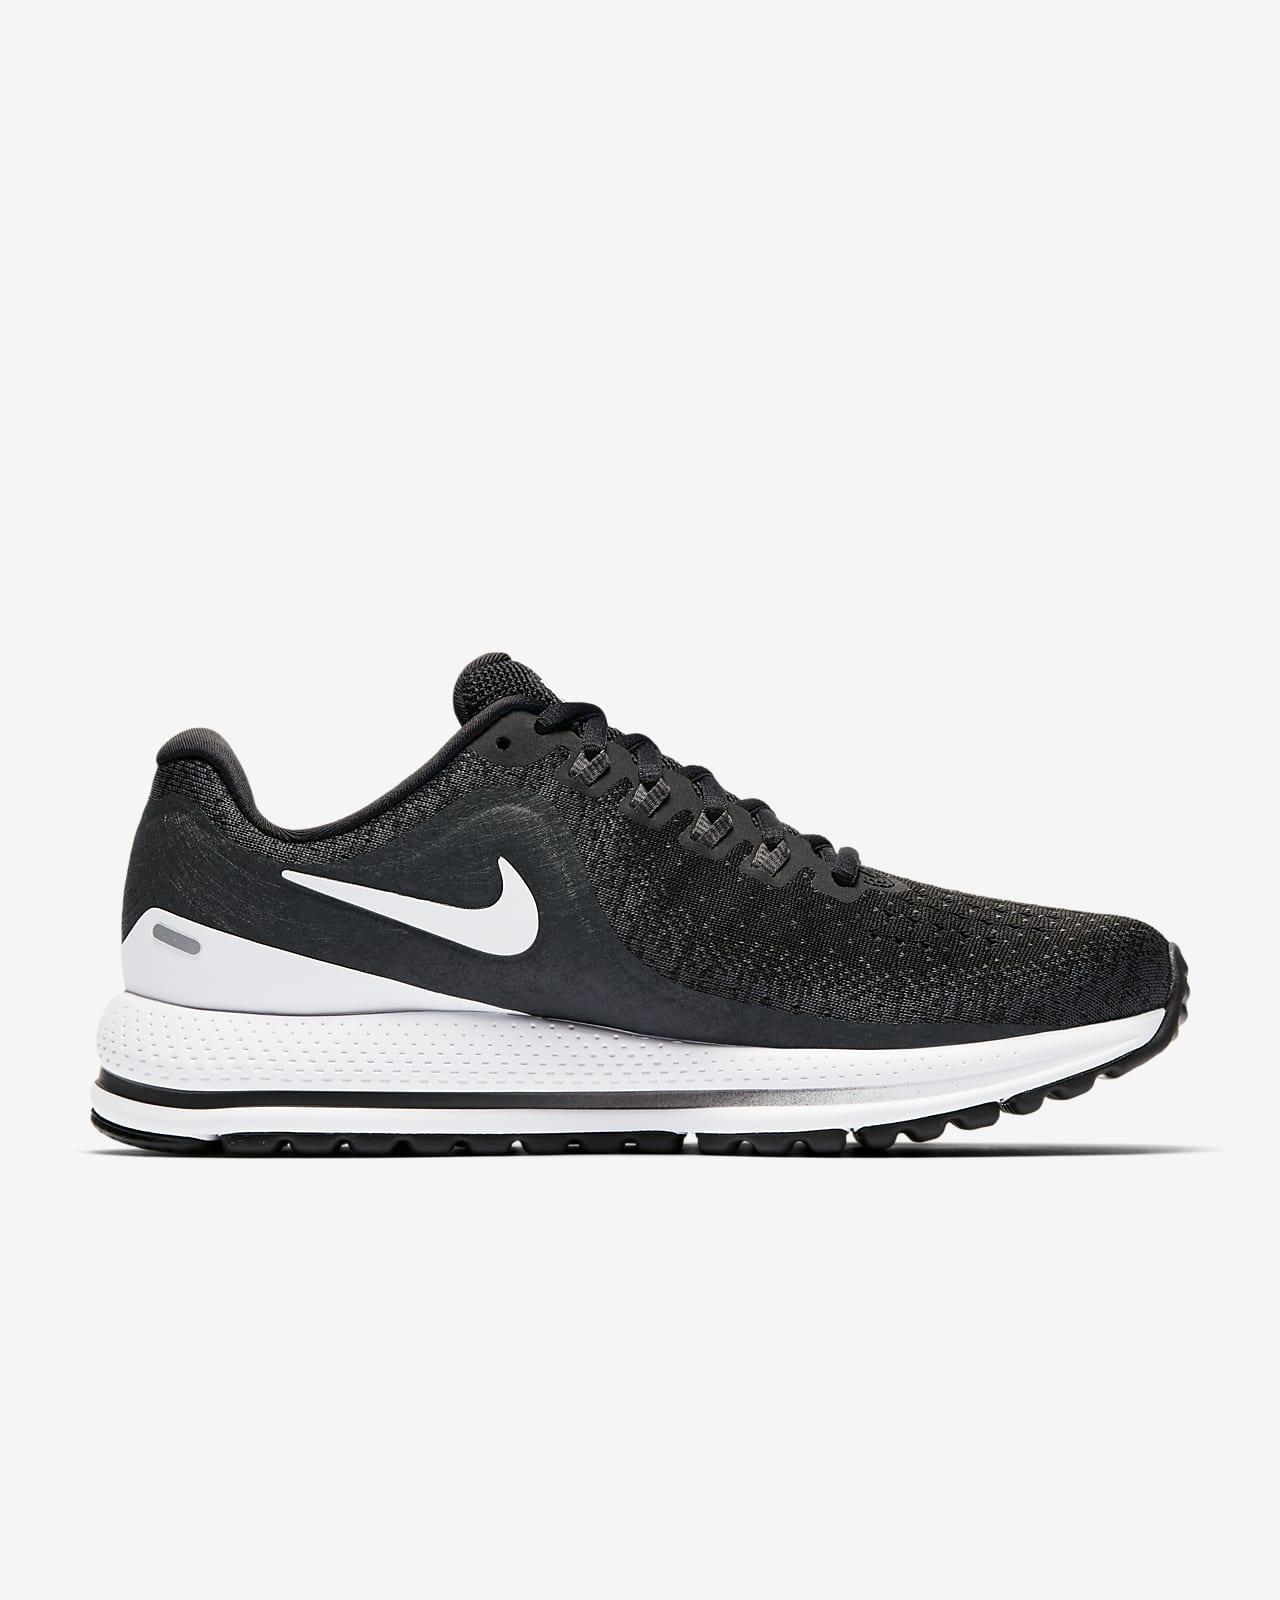 Nike Air Zoom Vomero 13 Women's Running